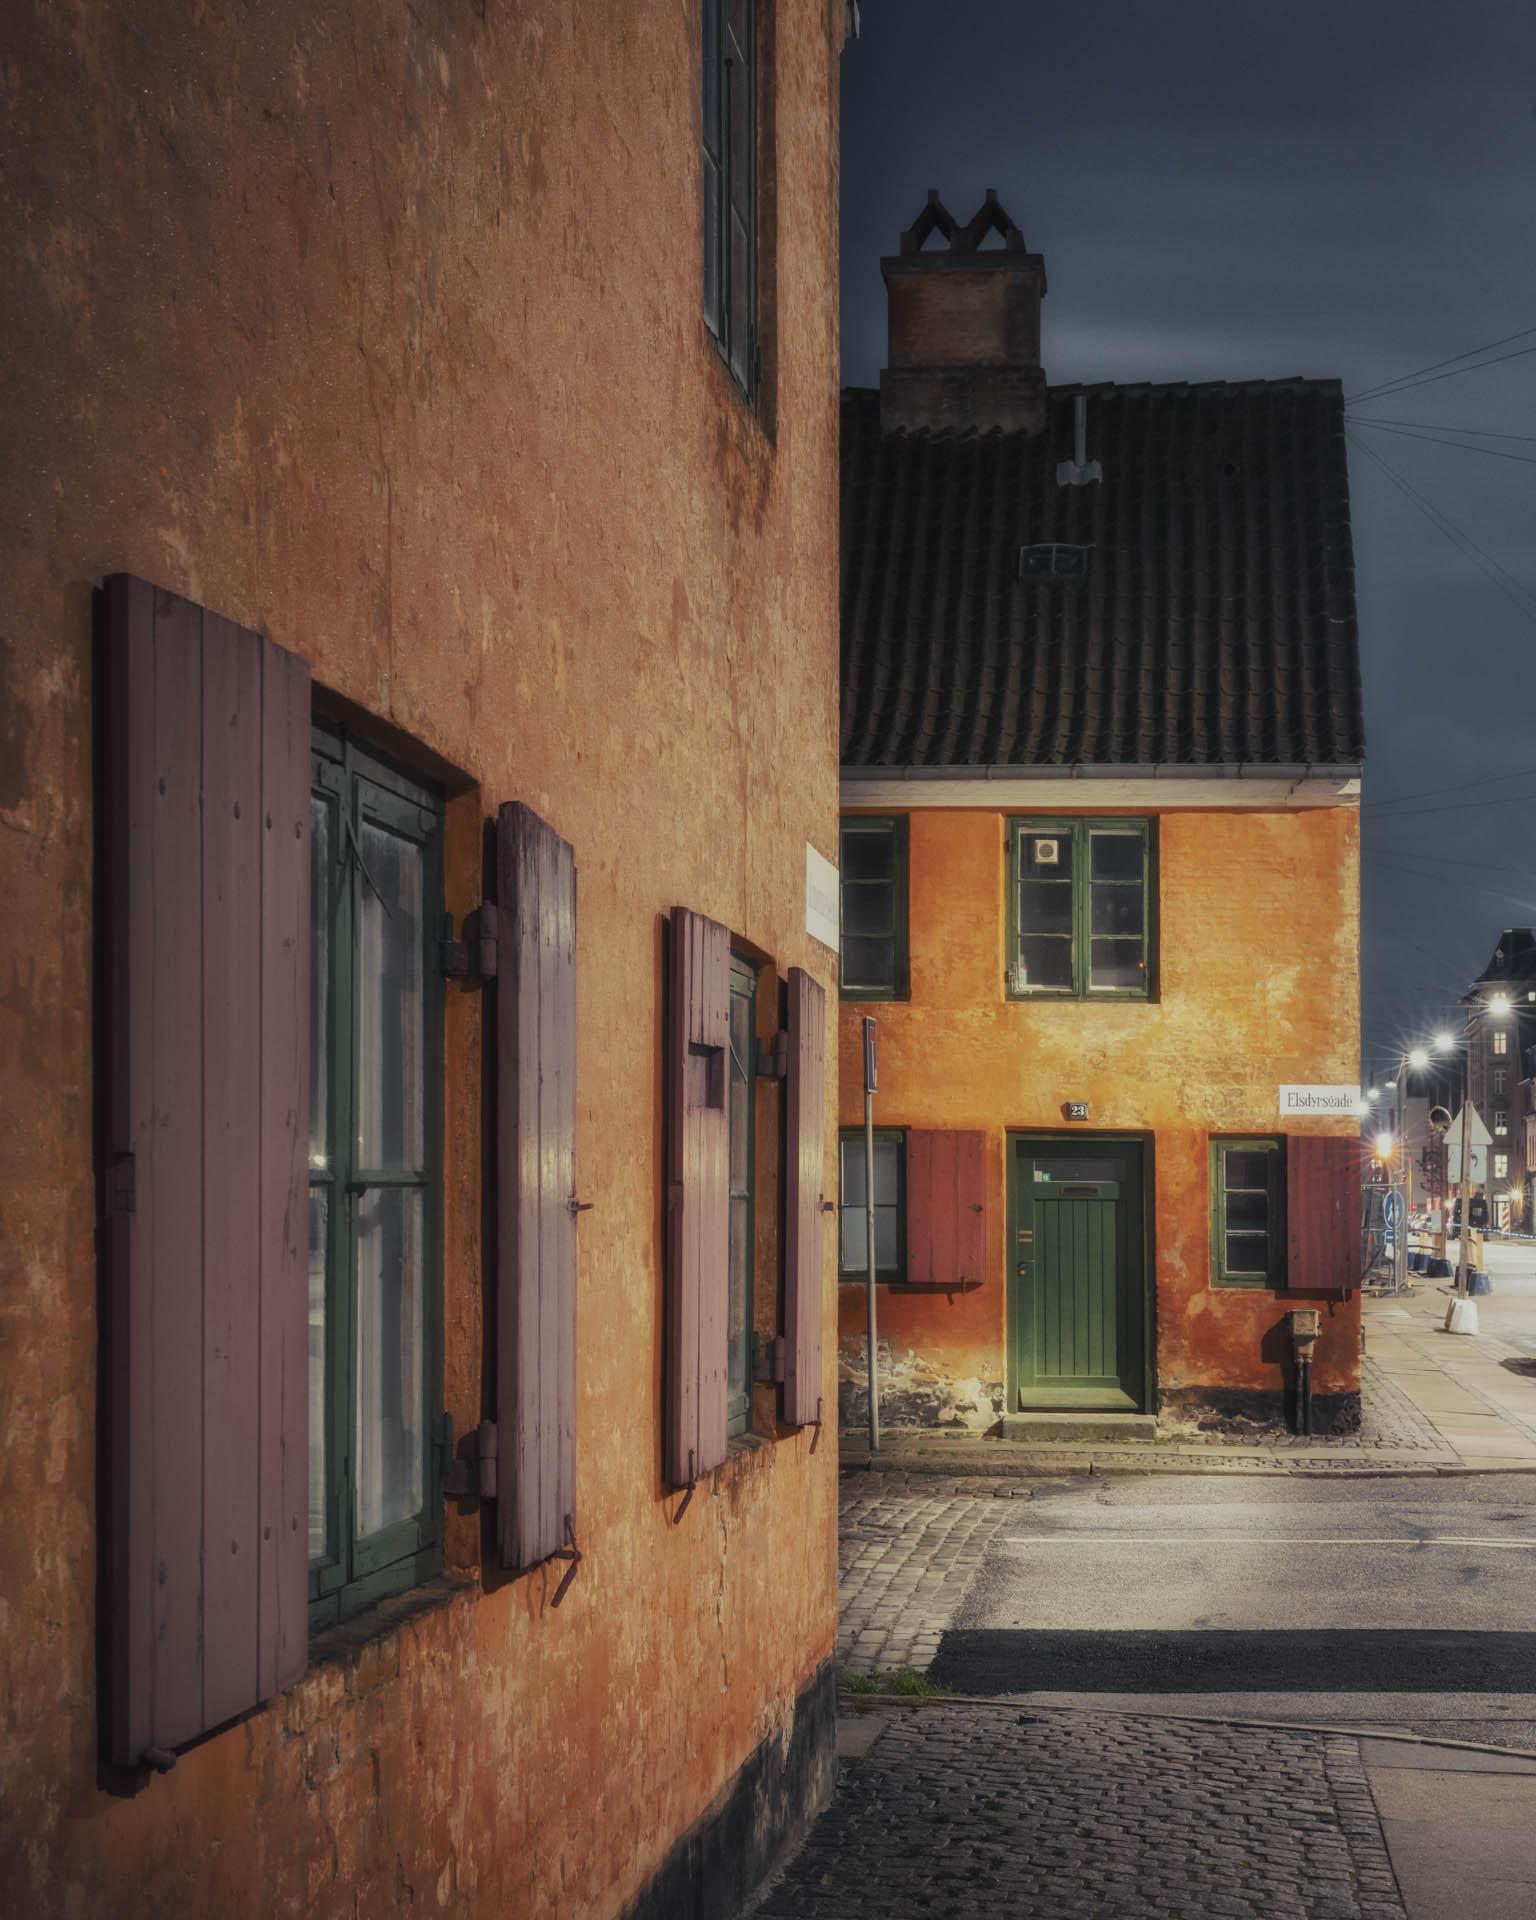 Copenhague2019-Still-22.jpg